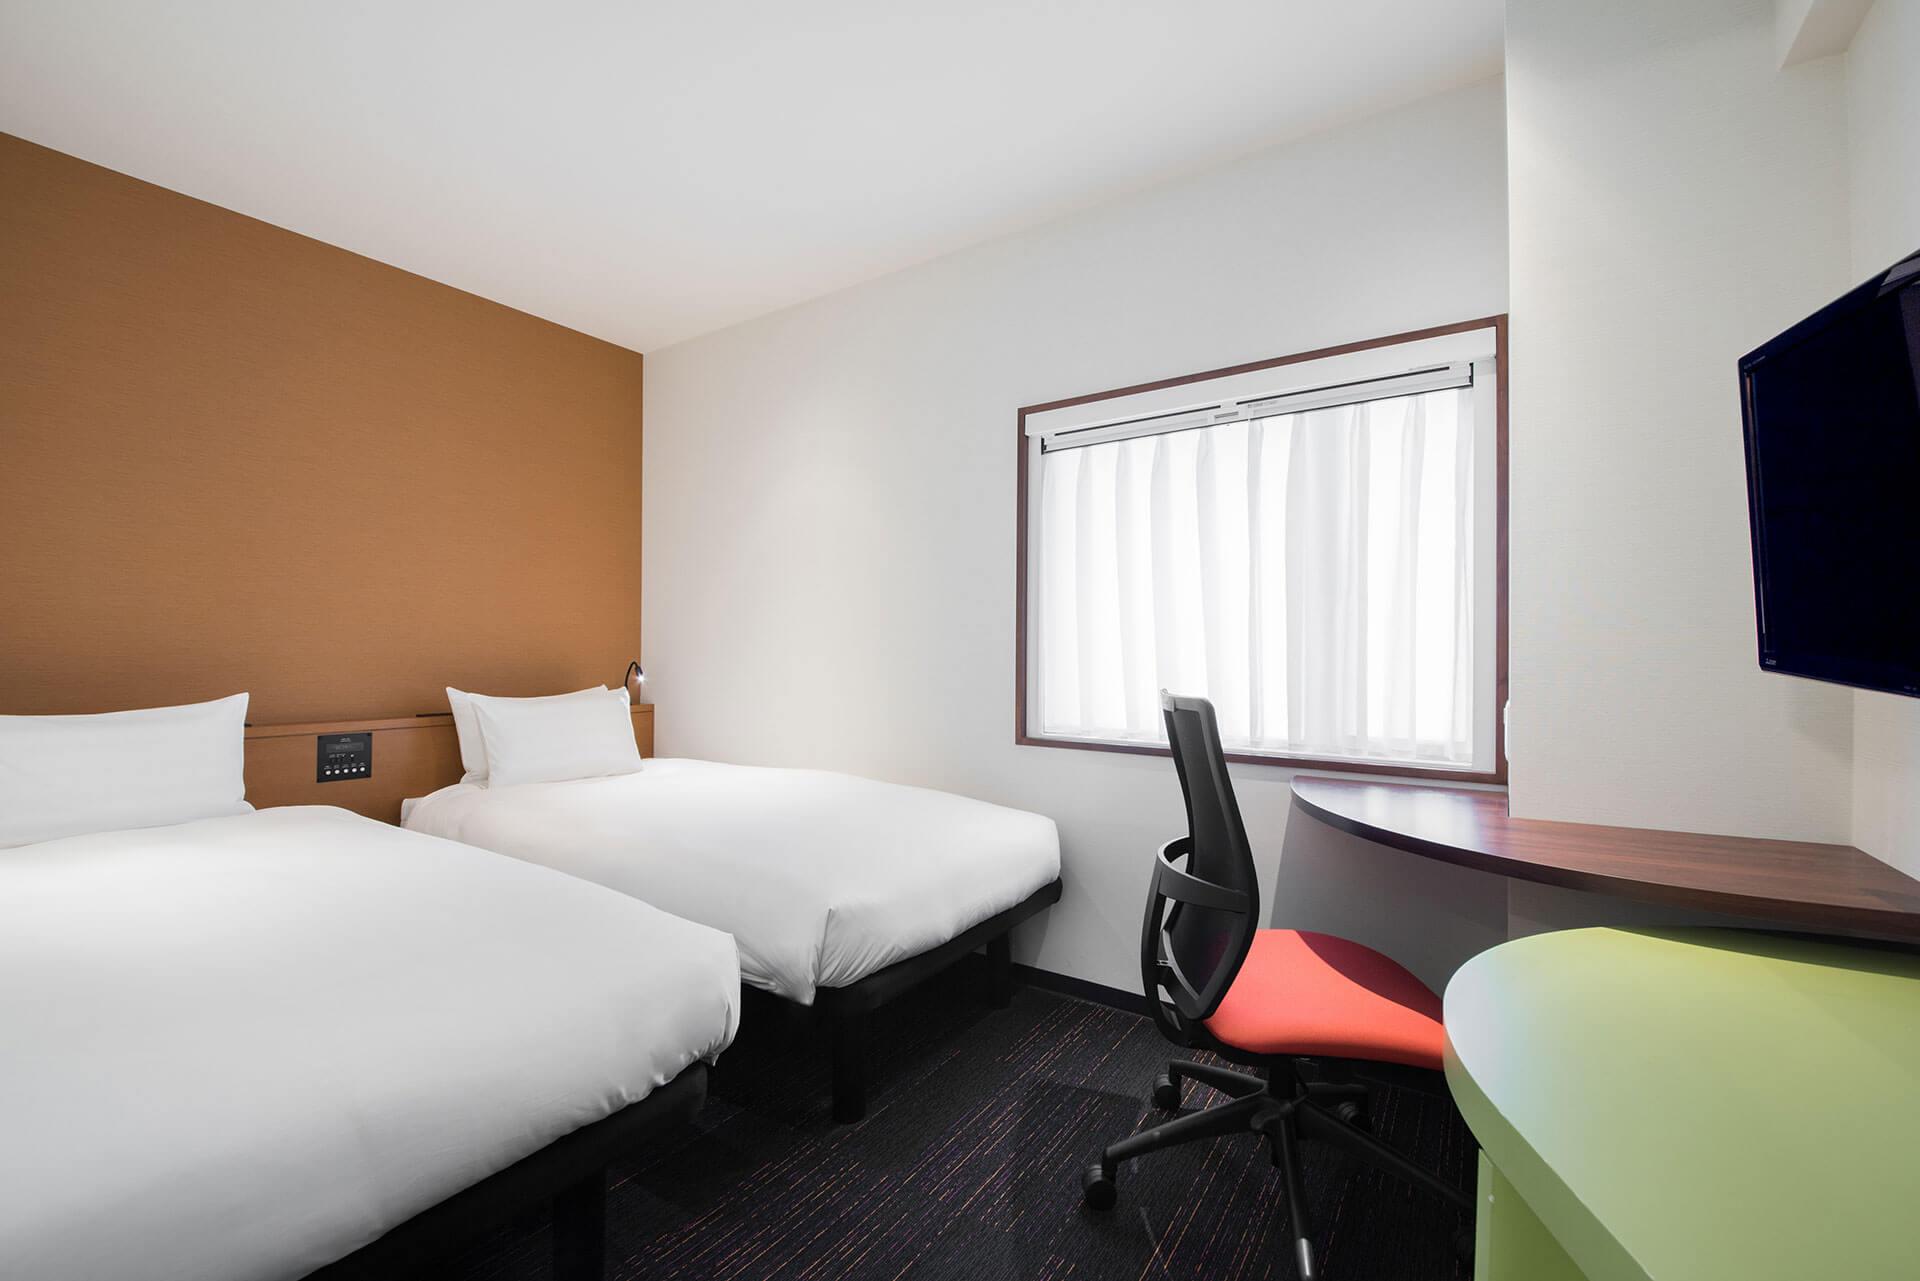 theb_akasaka_guestroom2.jpg